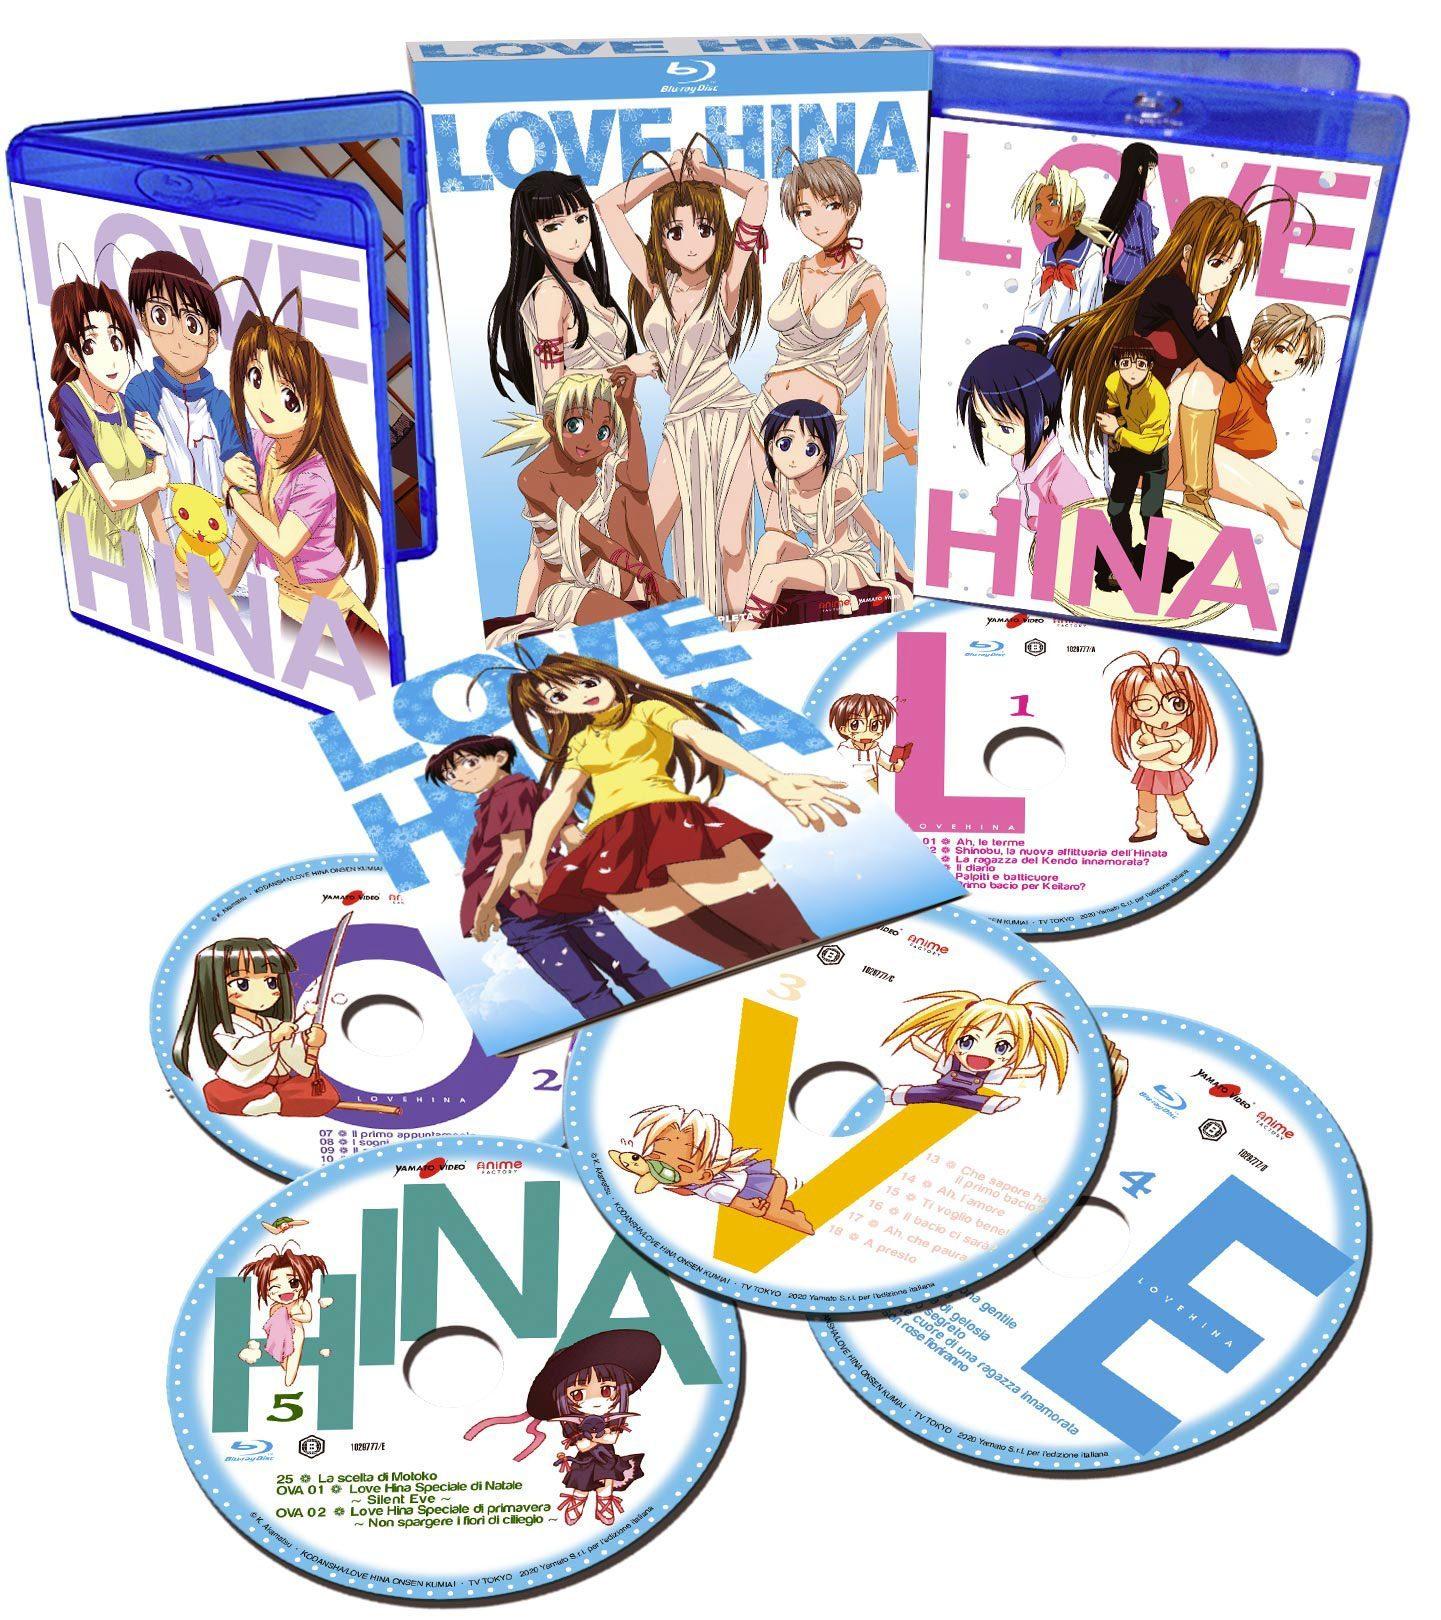 LOVE HINA - Recensione del cofanetto Blu-ray